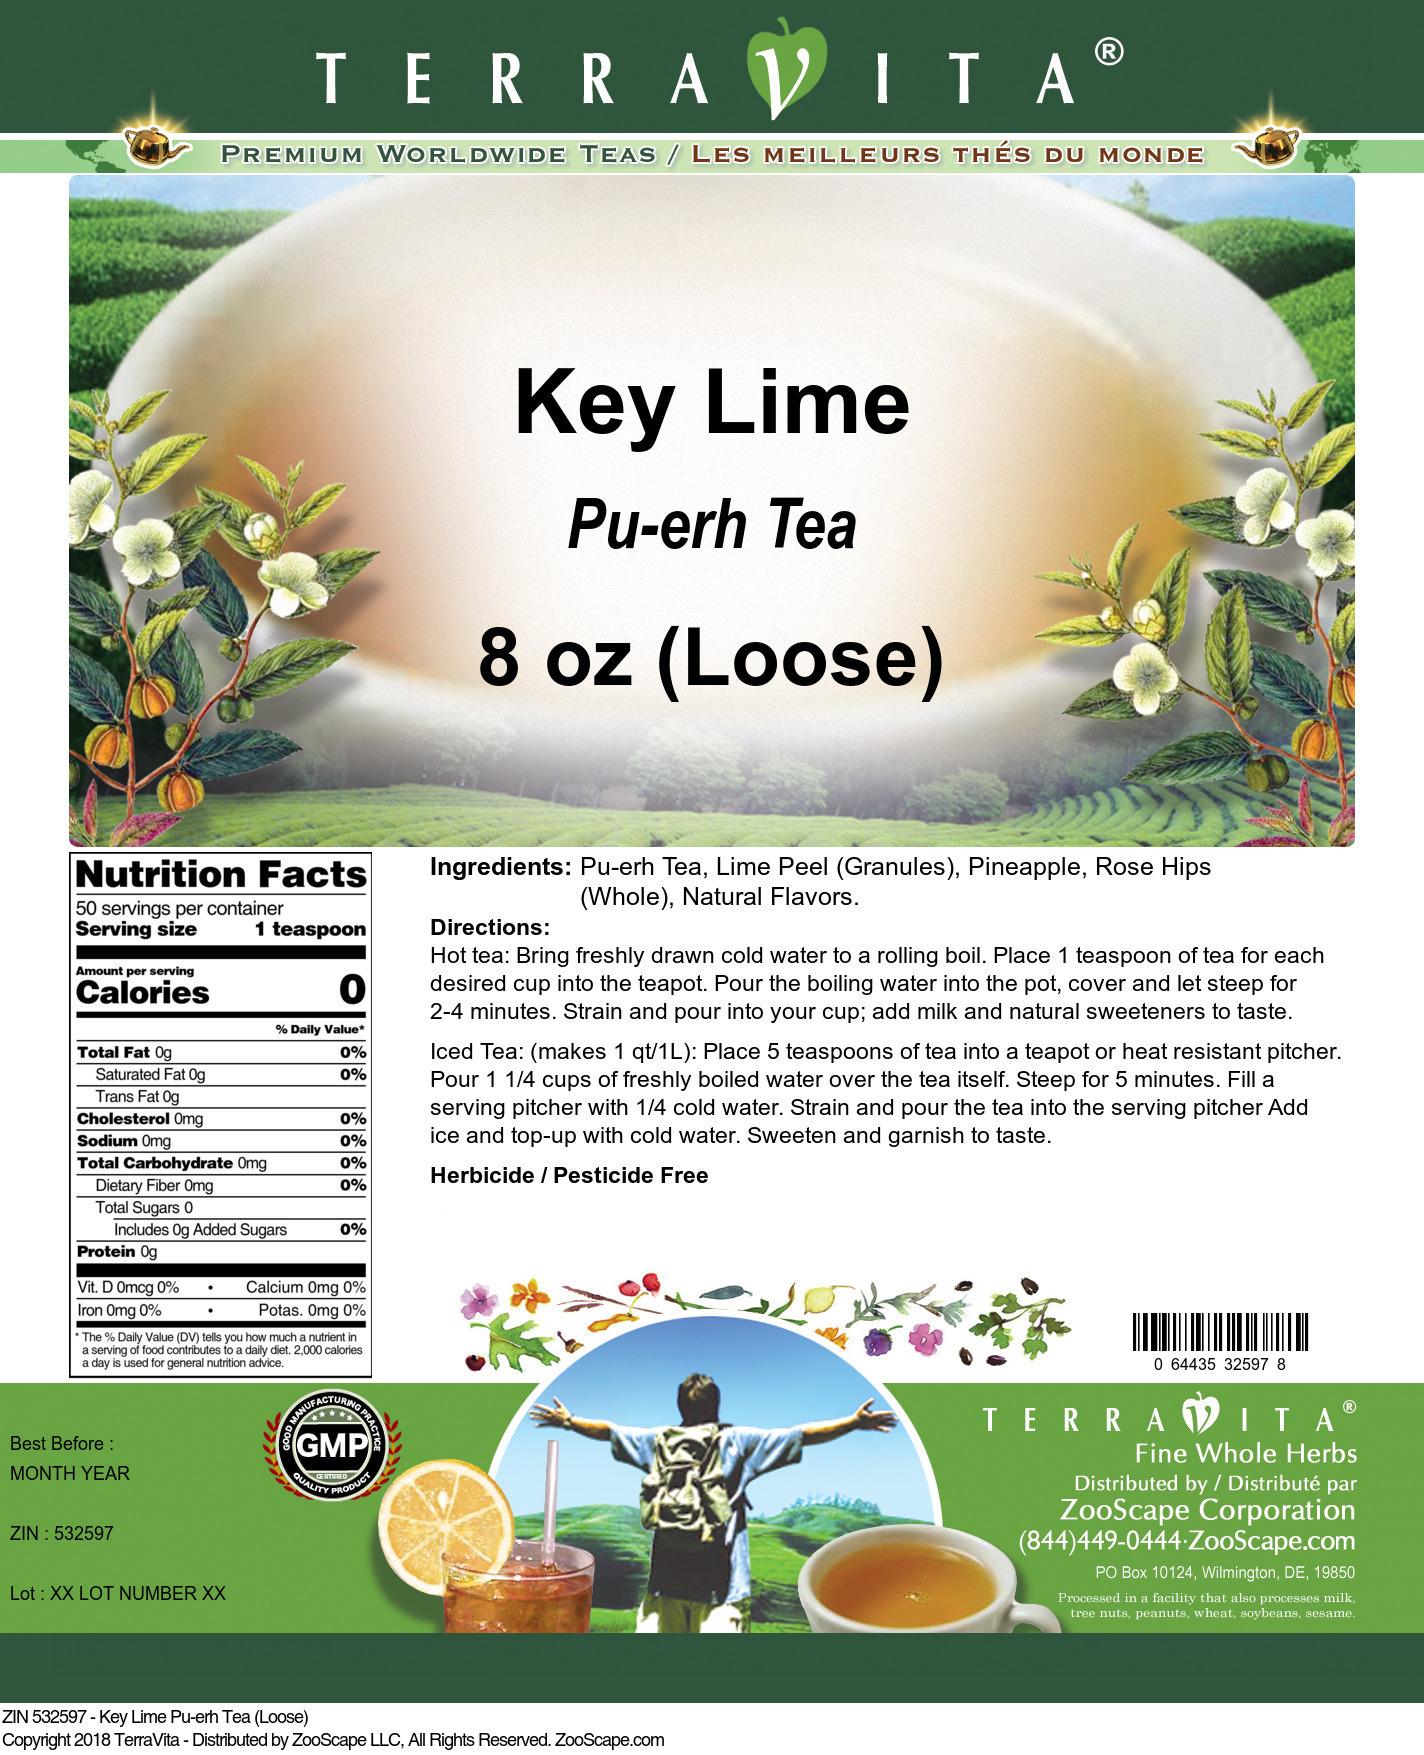 Key Lime Pu-erh Tea (Loose)